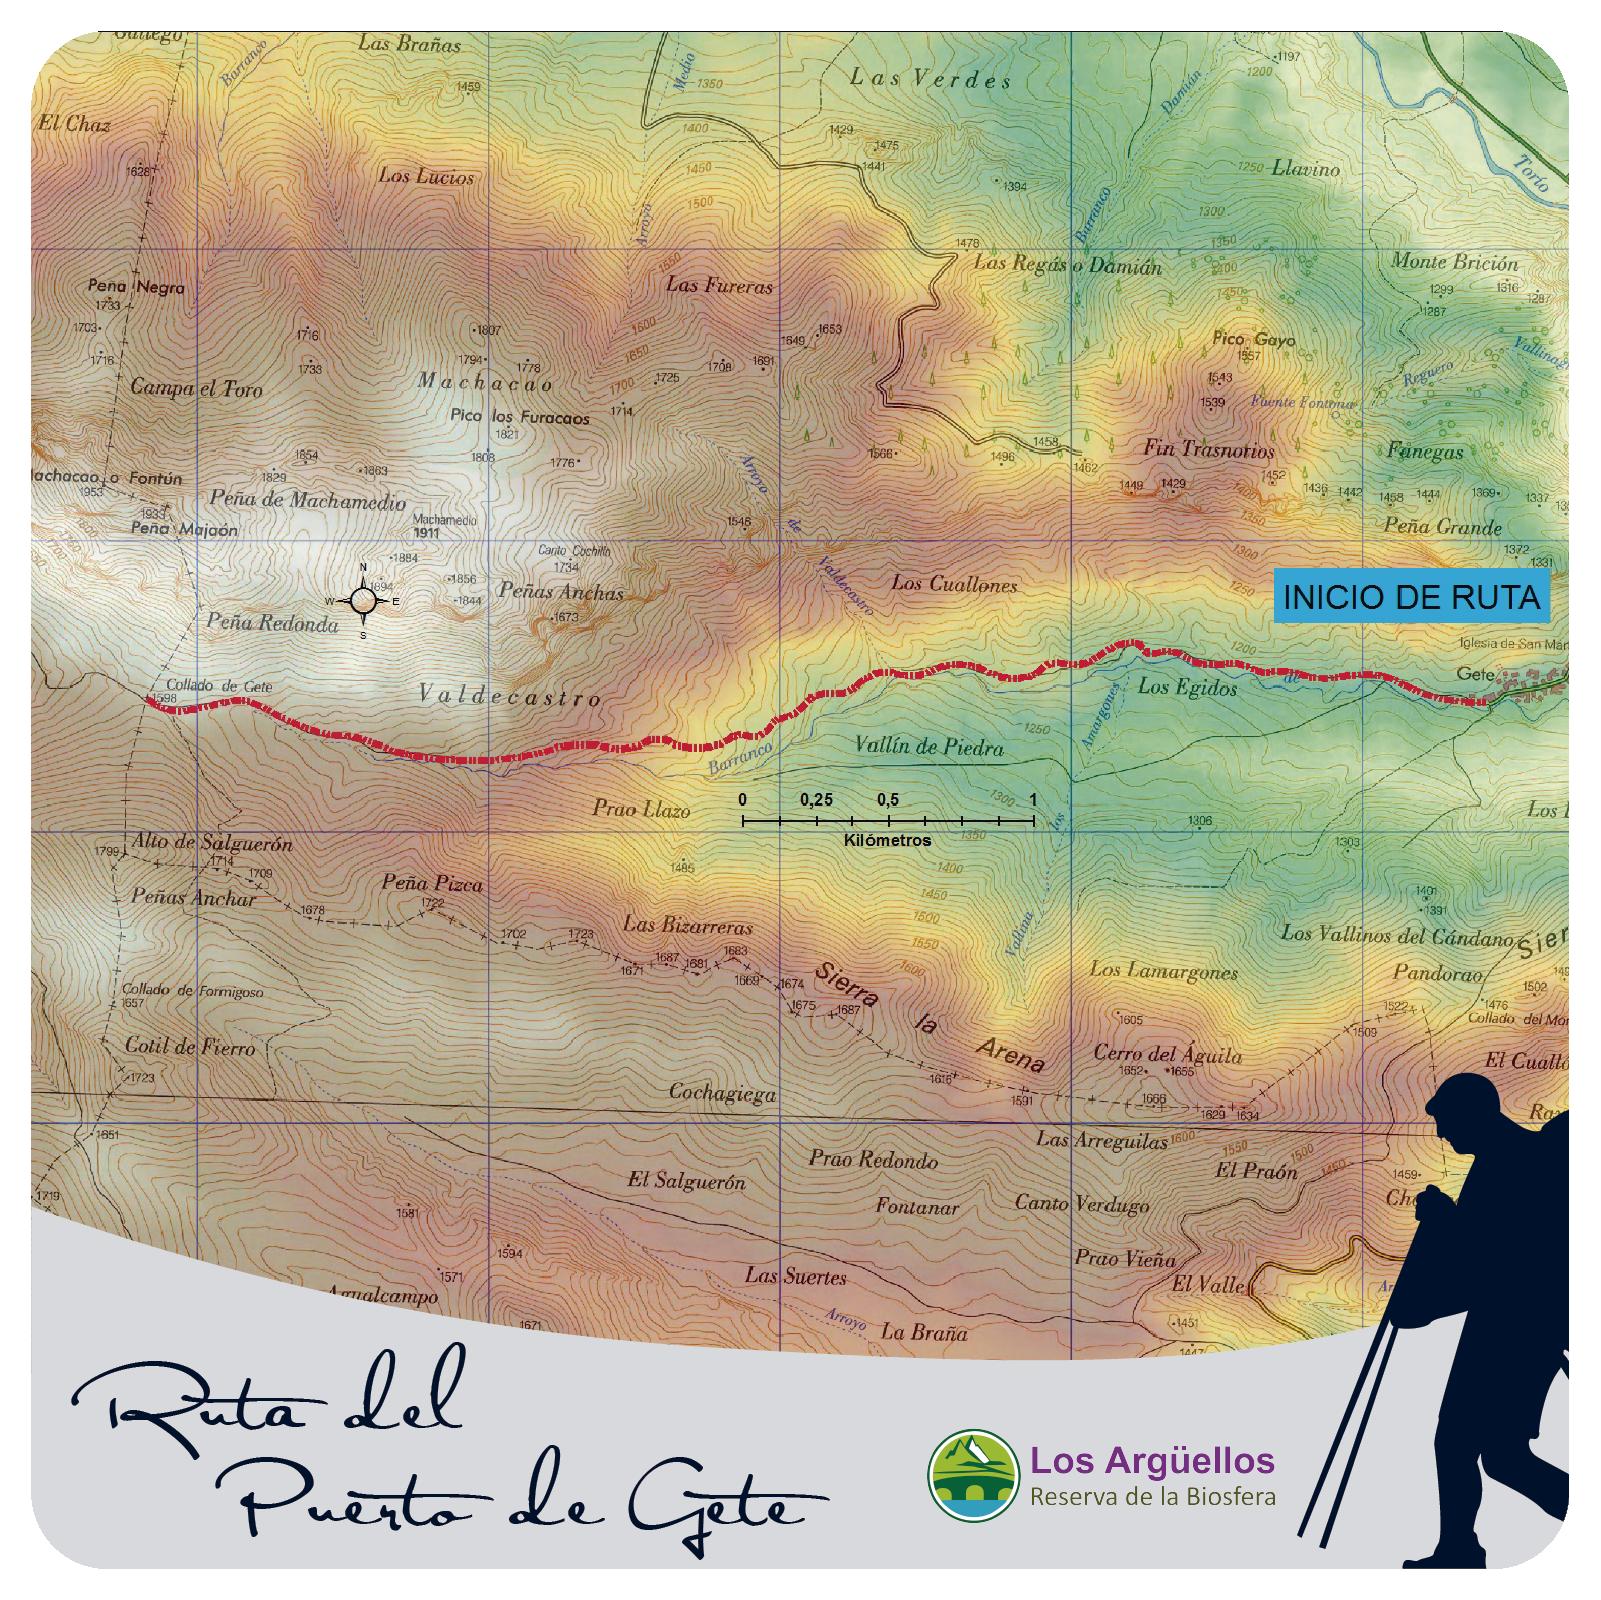 Ruta Del Puerto De Gete